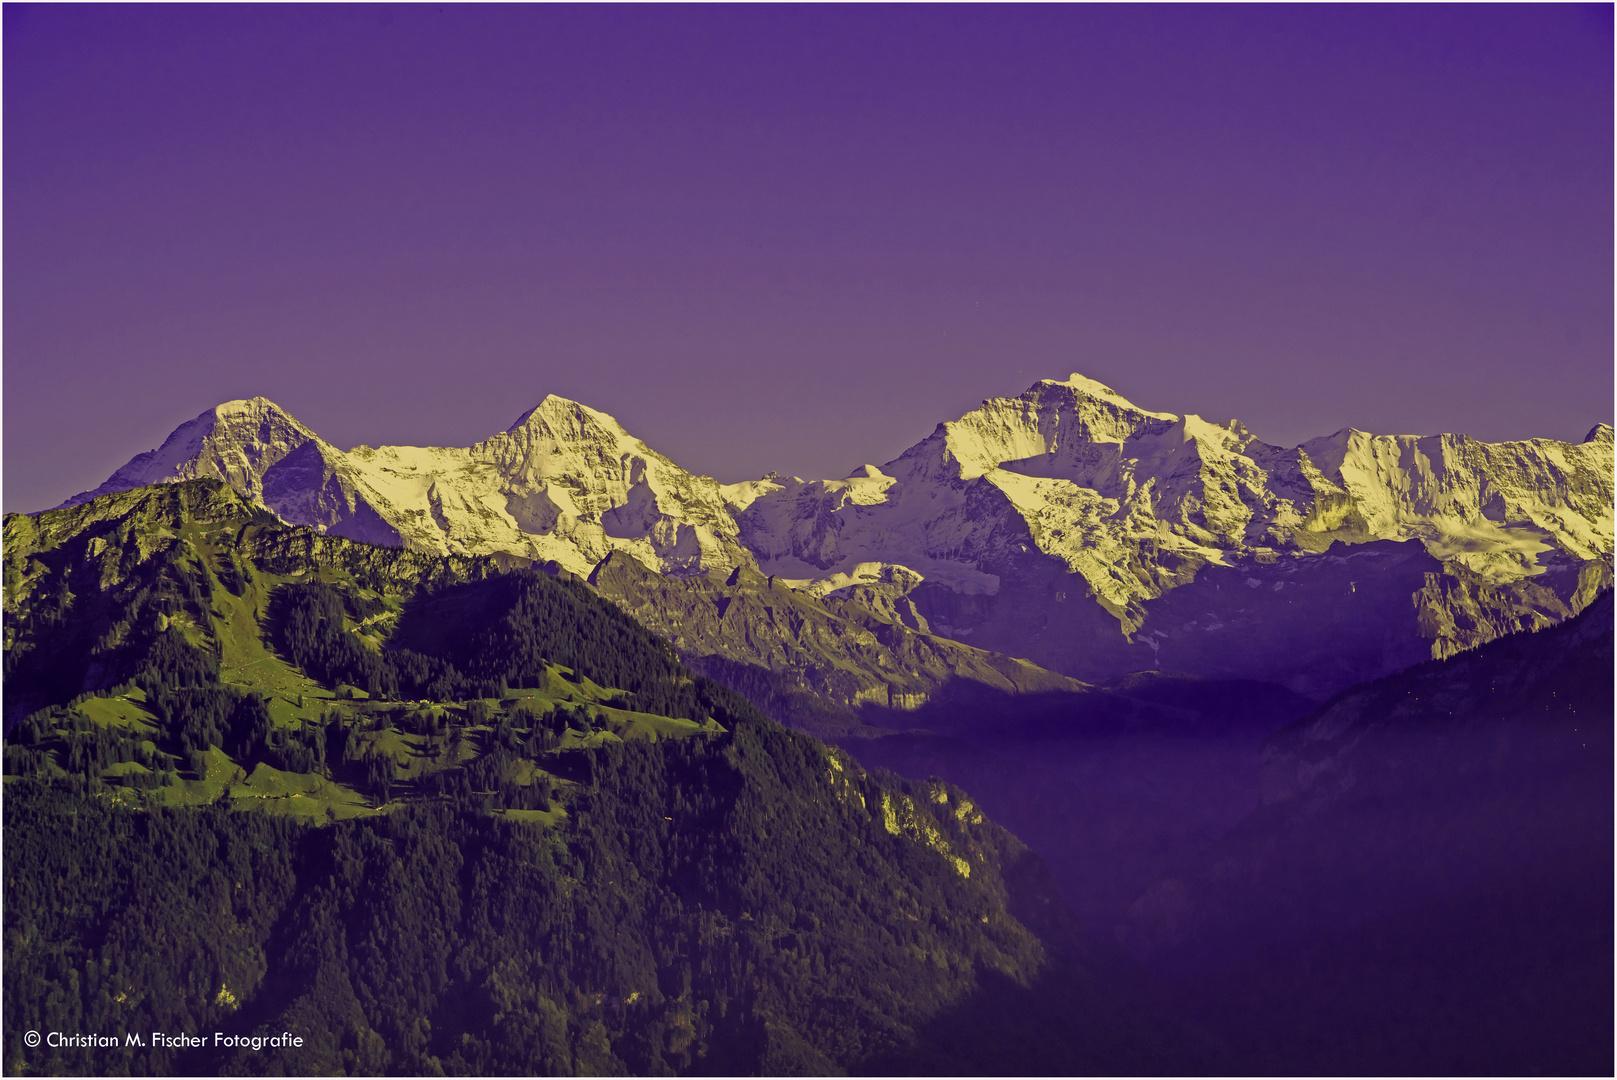 Eiger Mönch & Jungfrau